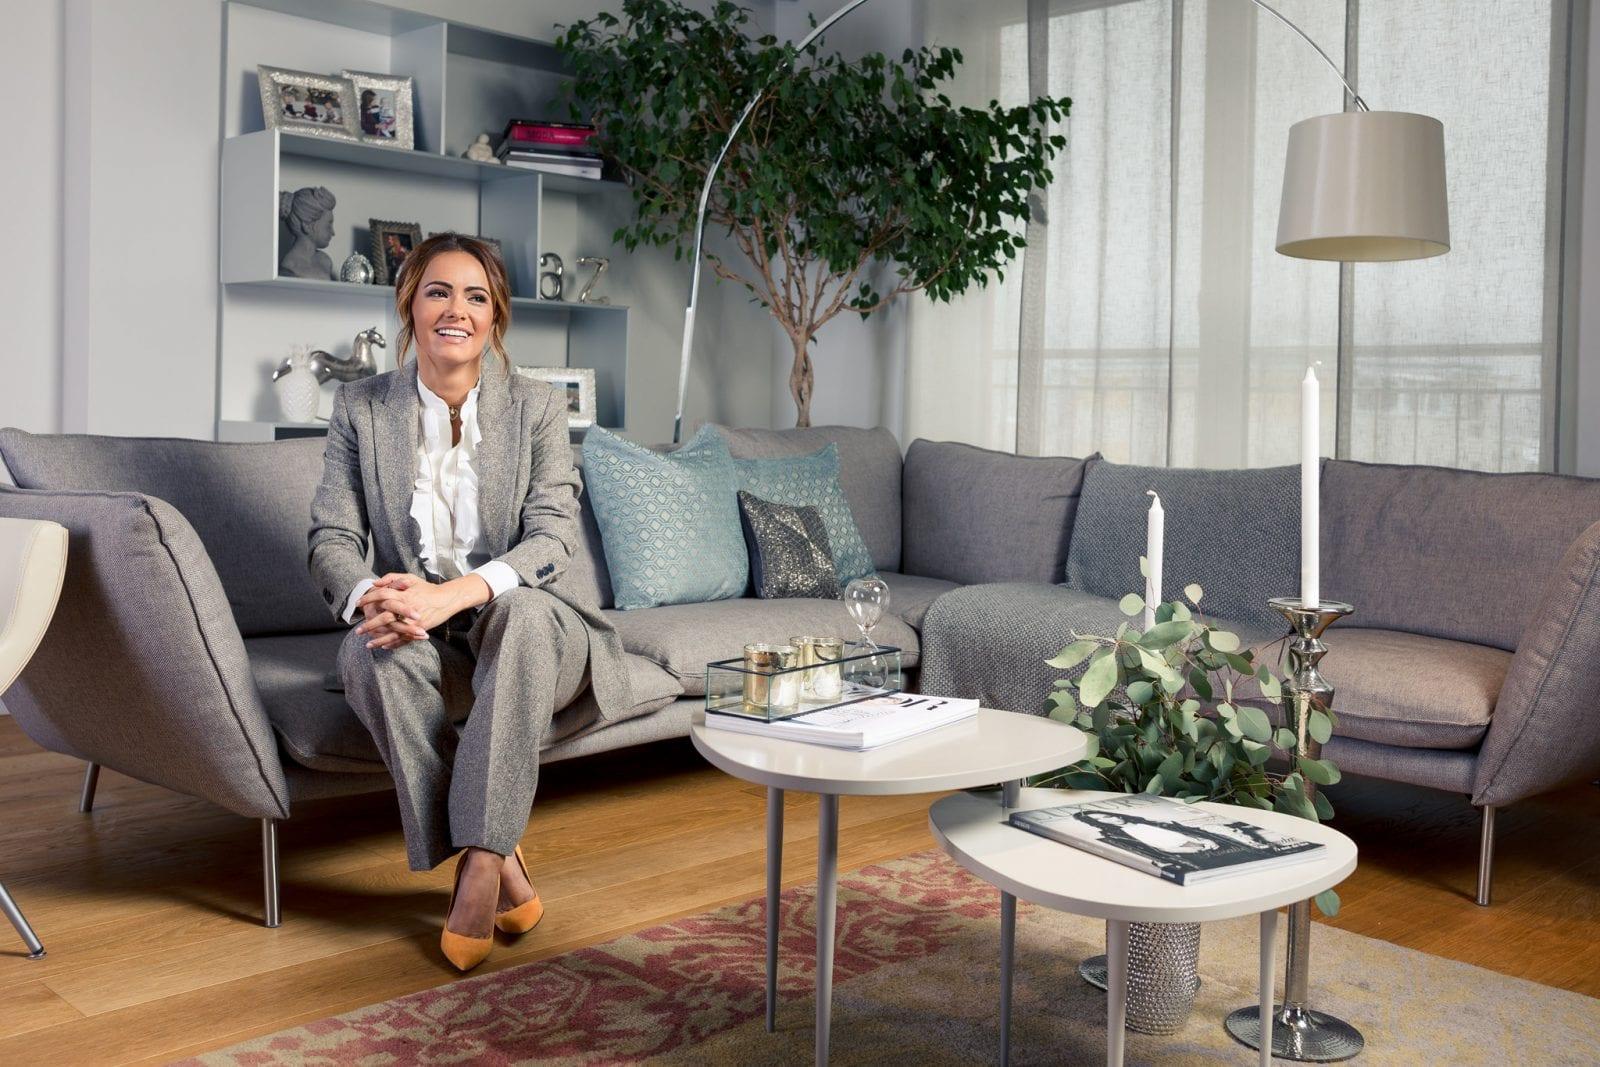 3 1 - Nina Maurer, despre puterea inovației în designul interior